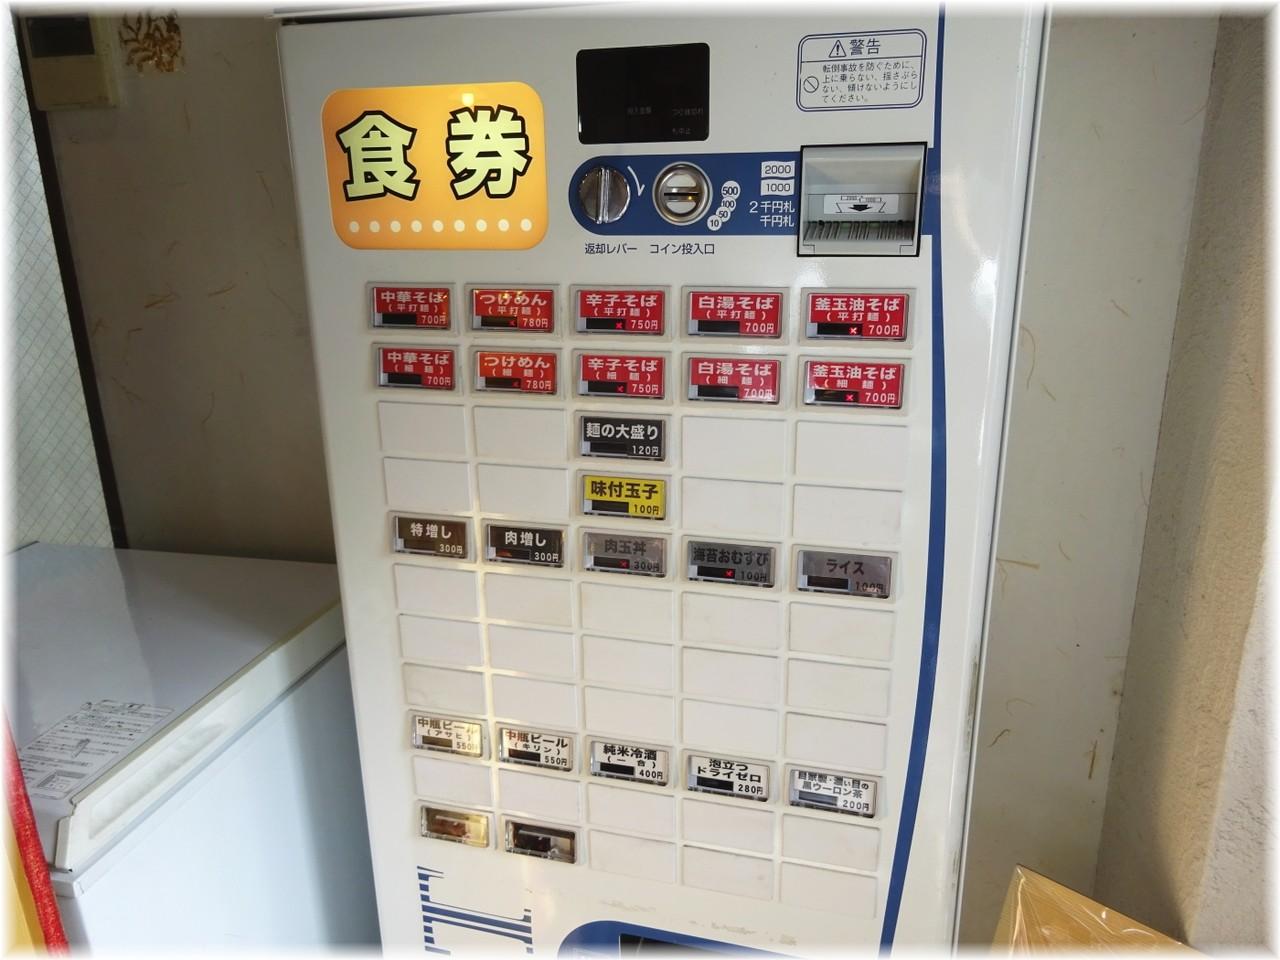 はまんど横須賀 食券機